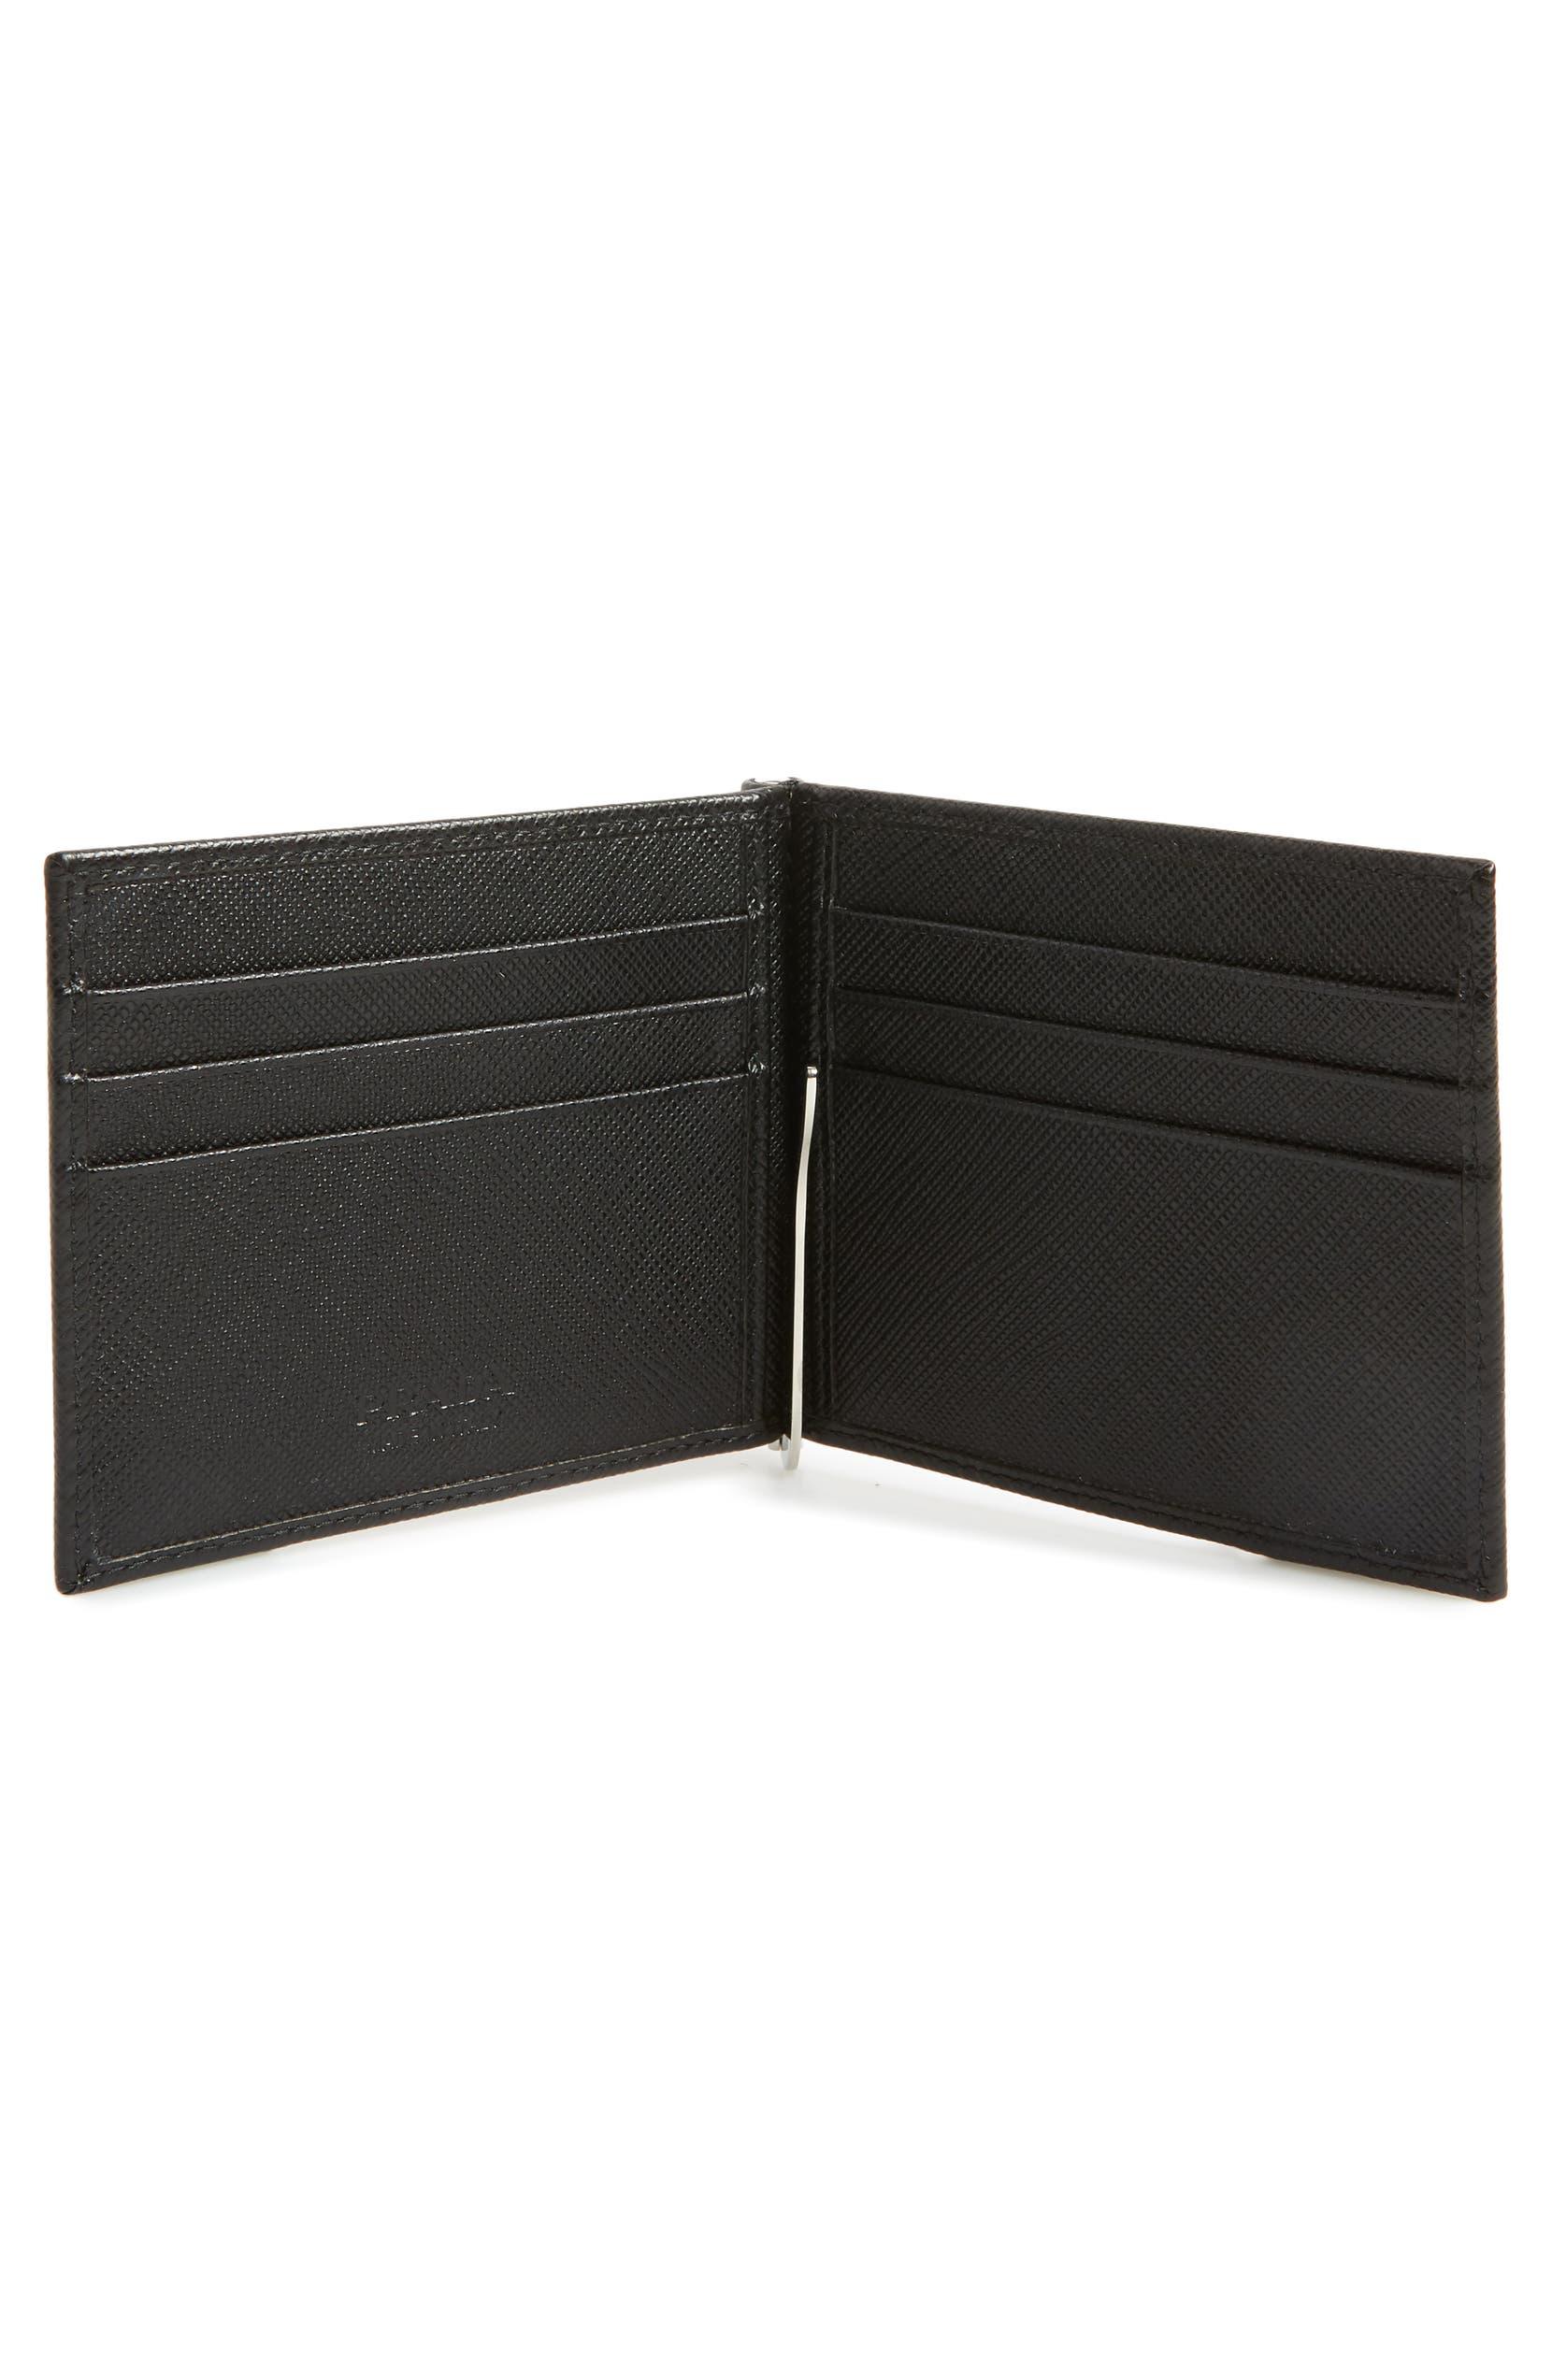 098c2425 Prada Saffiano Leather Money Clip Wallet   Nordstrom